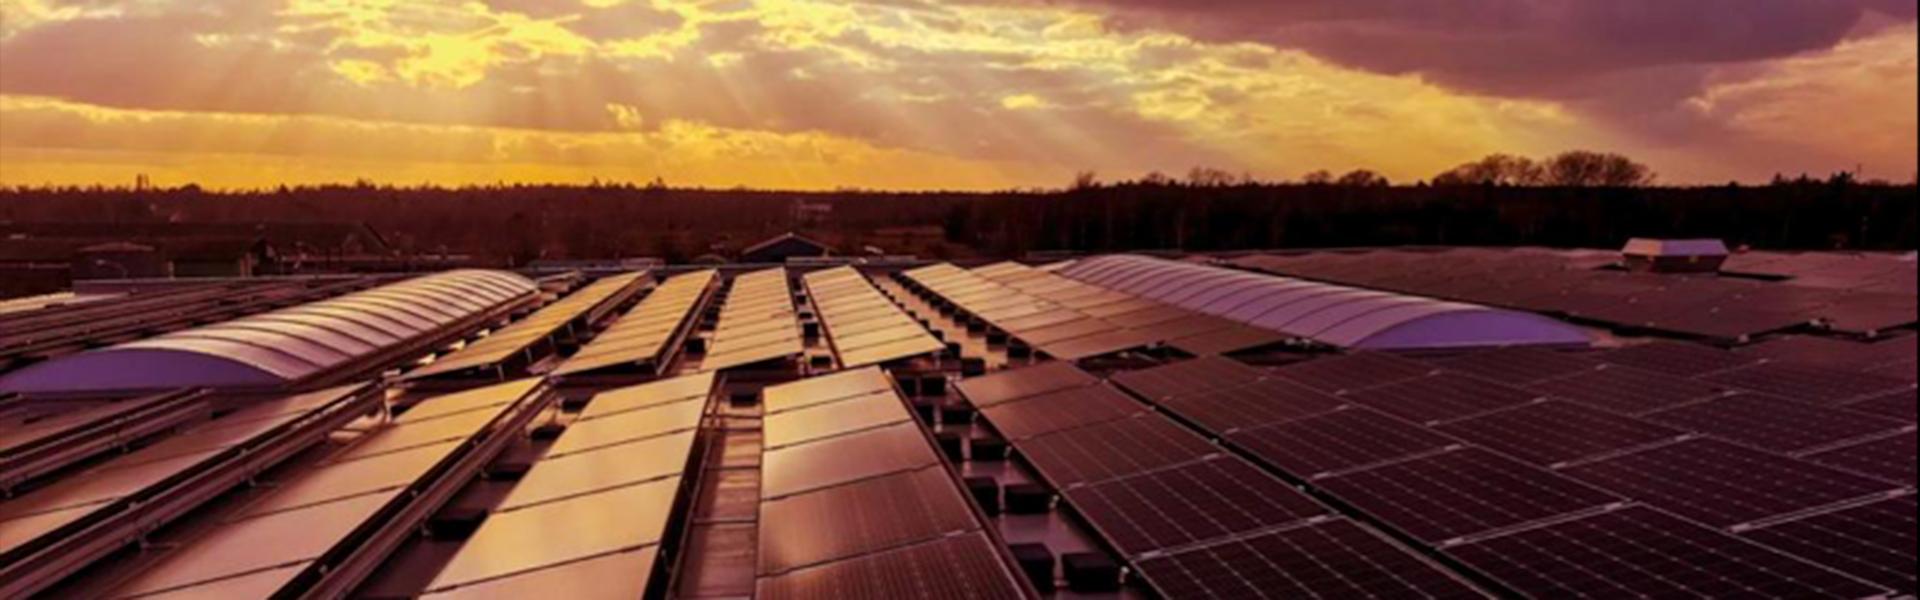 SCIOS Scope 12-keuring: veiligheid in zonne-energie